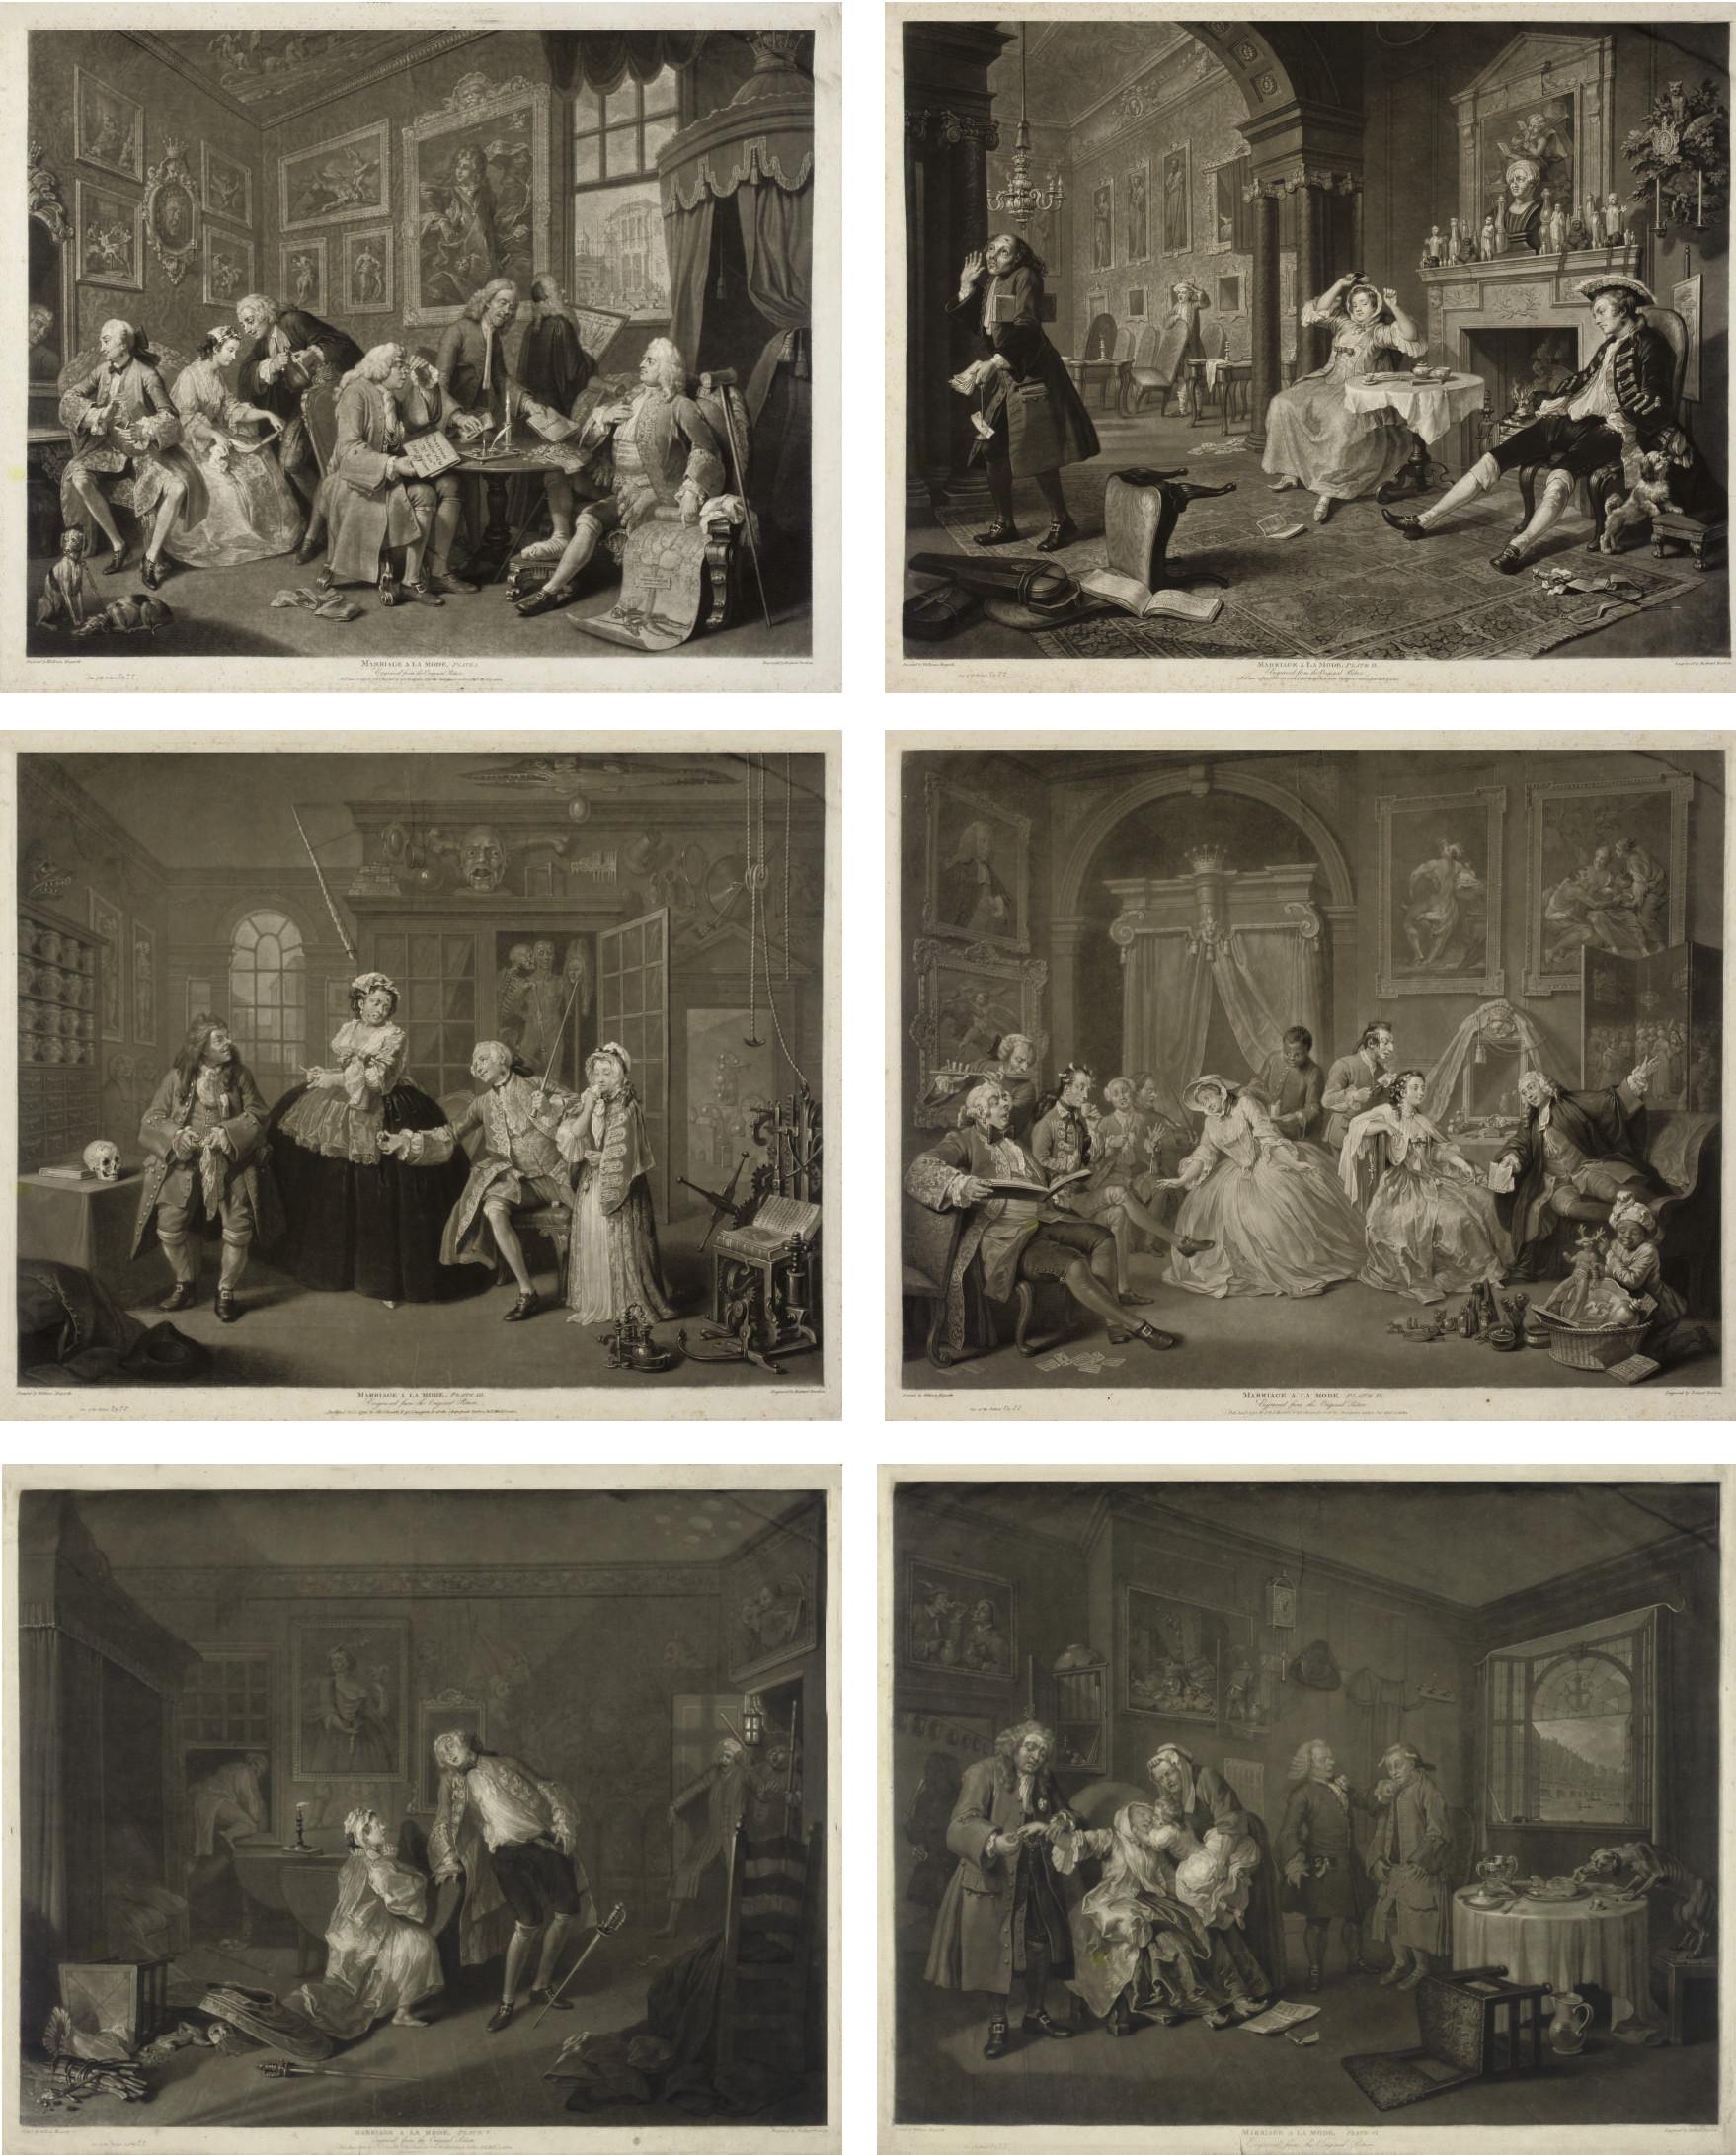 Richard Earlom (1743-1822), after William Hogarth